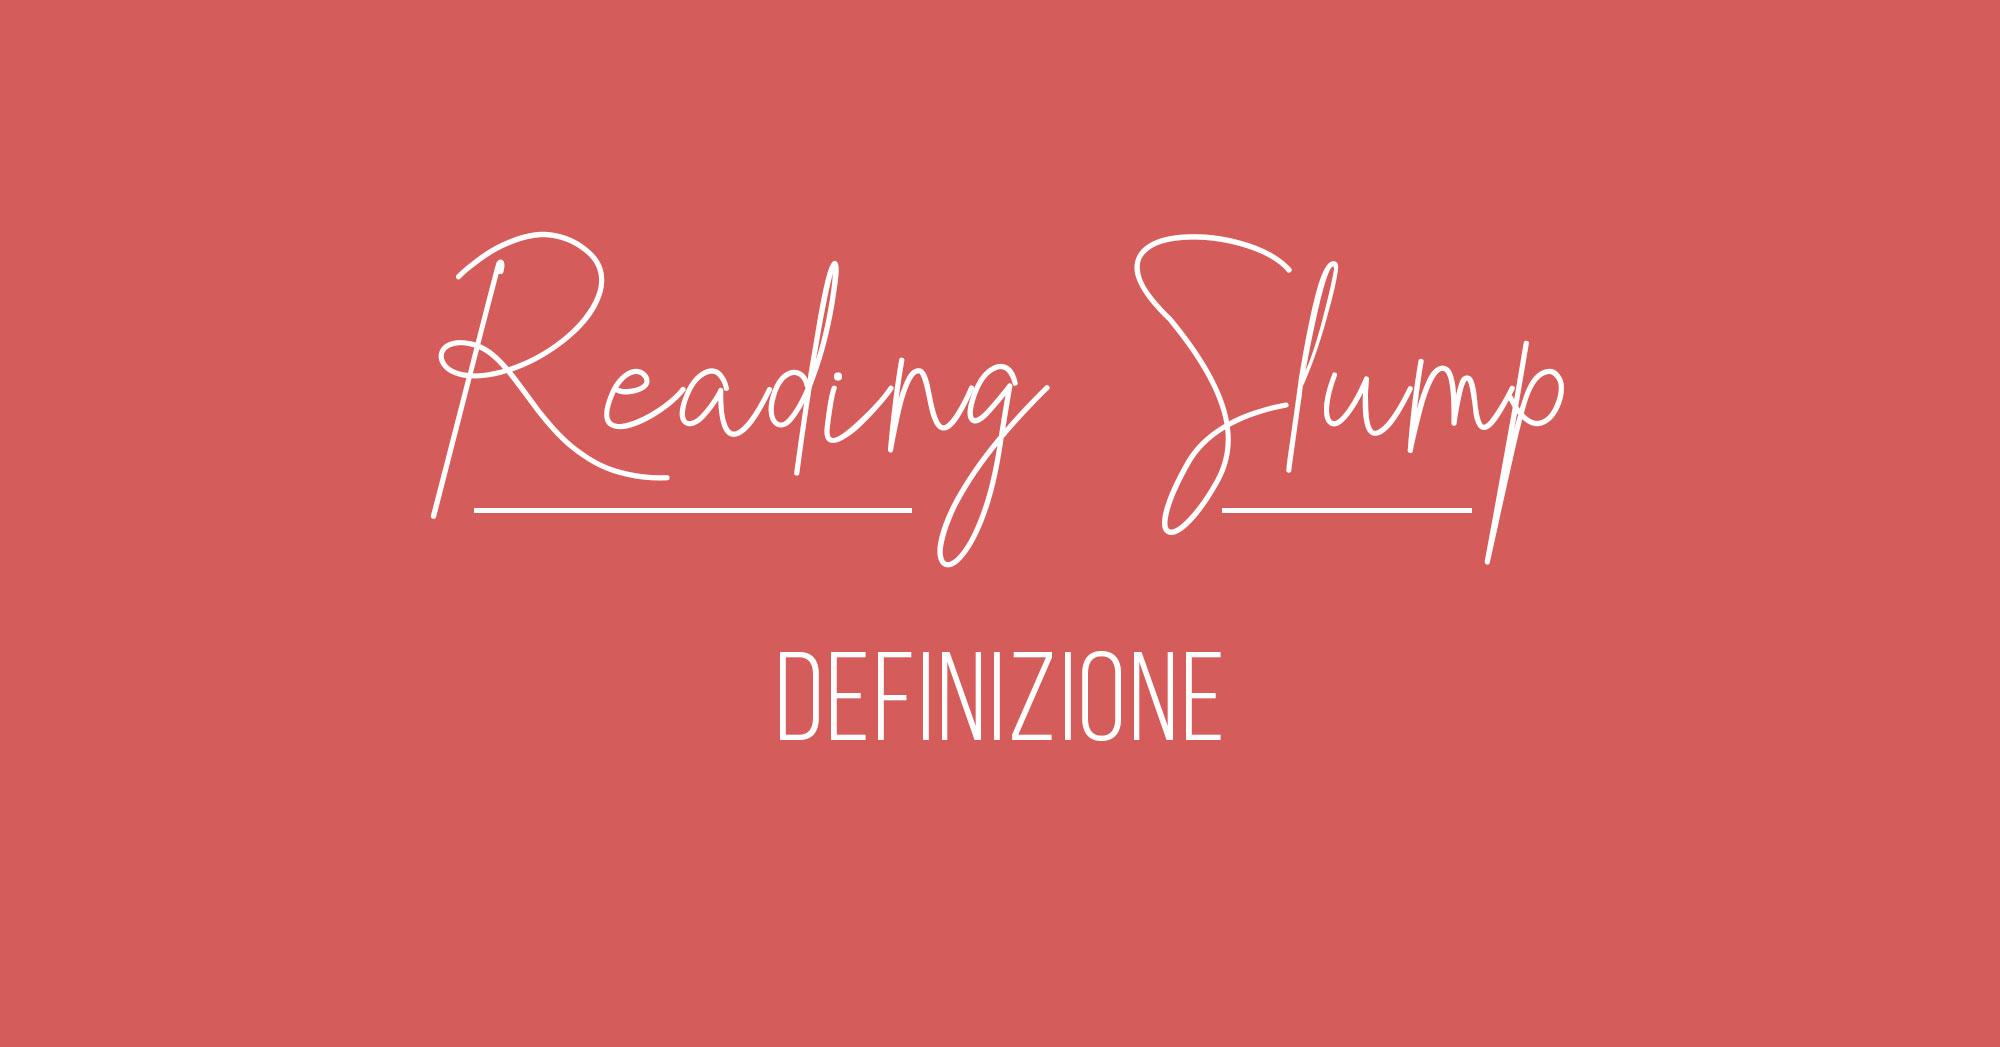 Definizione reading slump